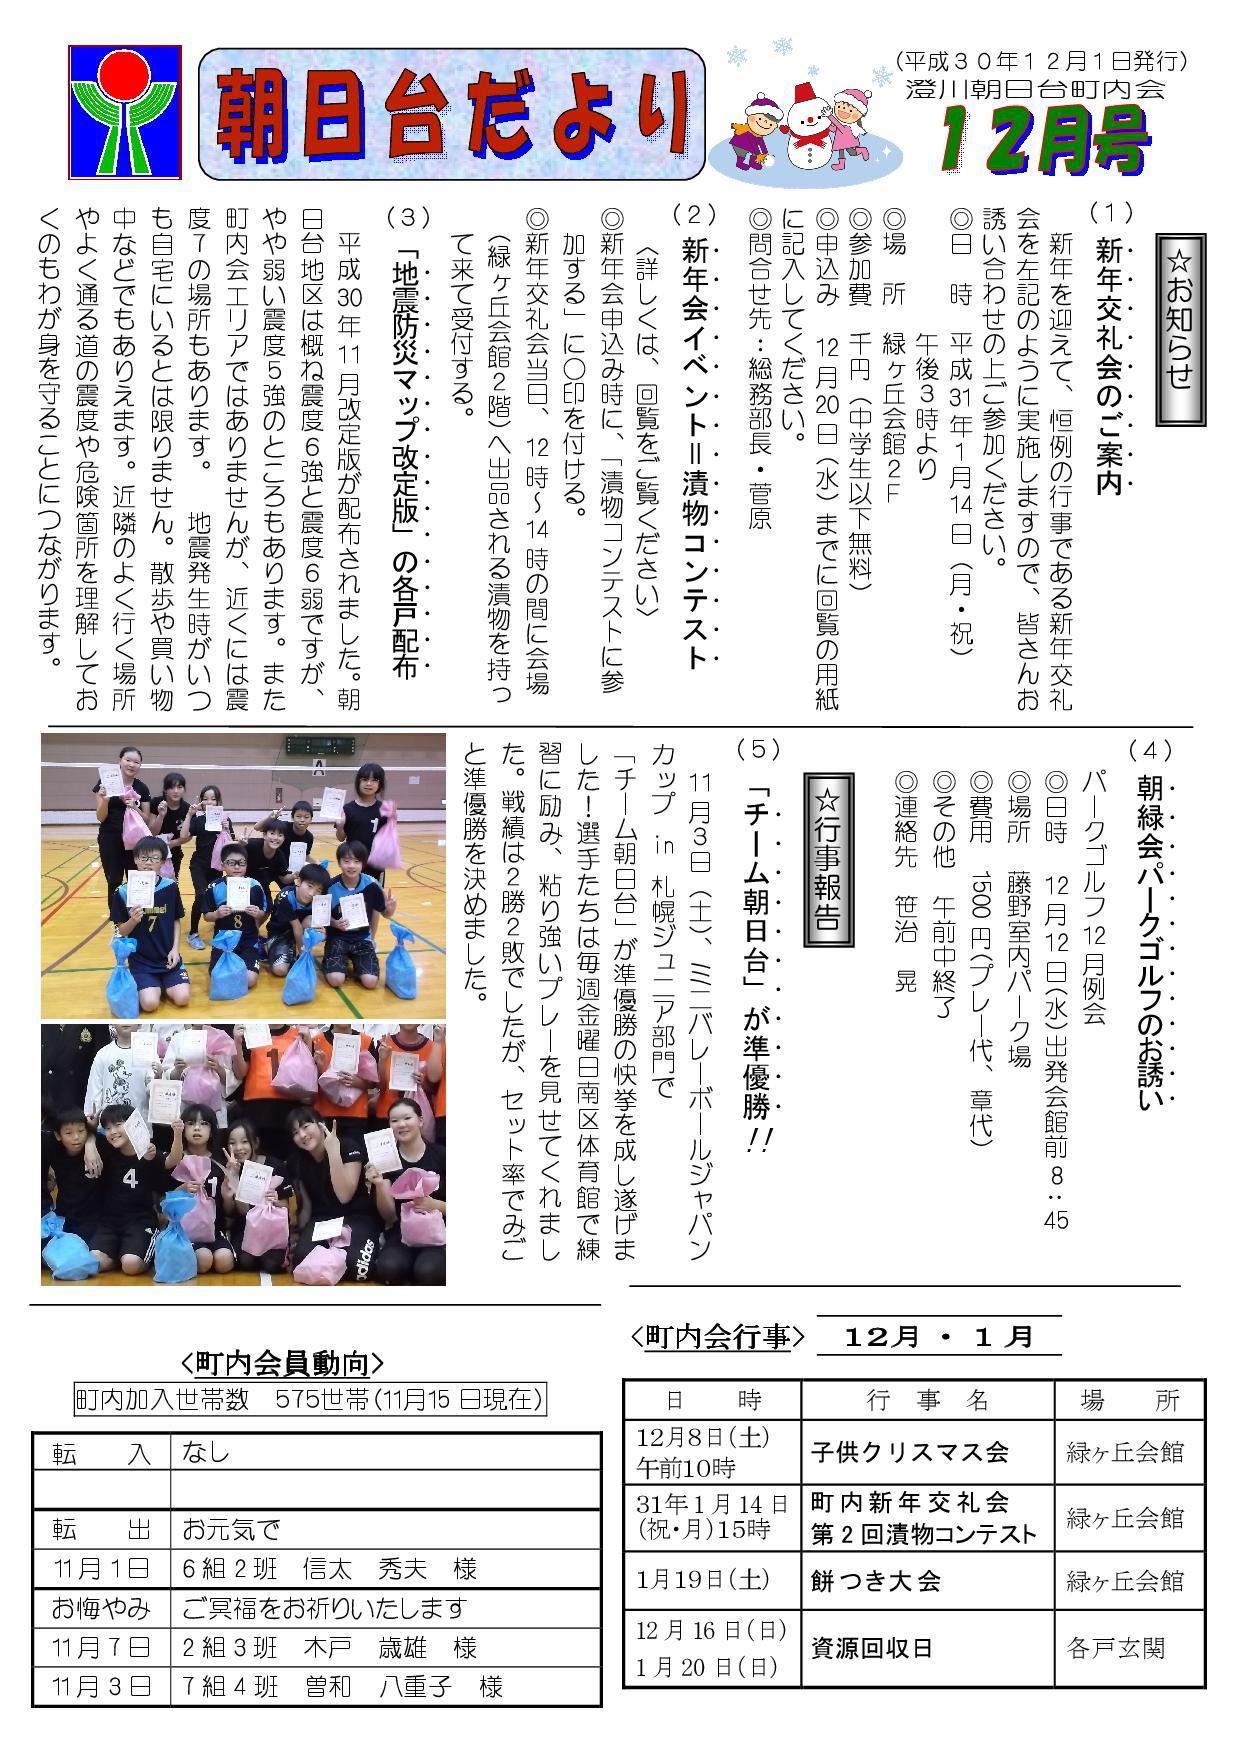 http://sumikawa.info/asahidai/12%E6%9C%88%E5%8F%B7-001.jpg